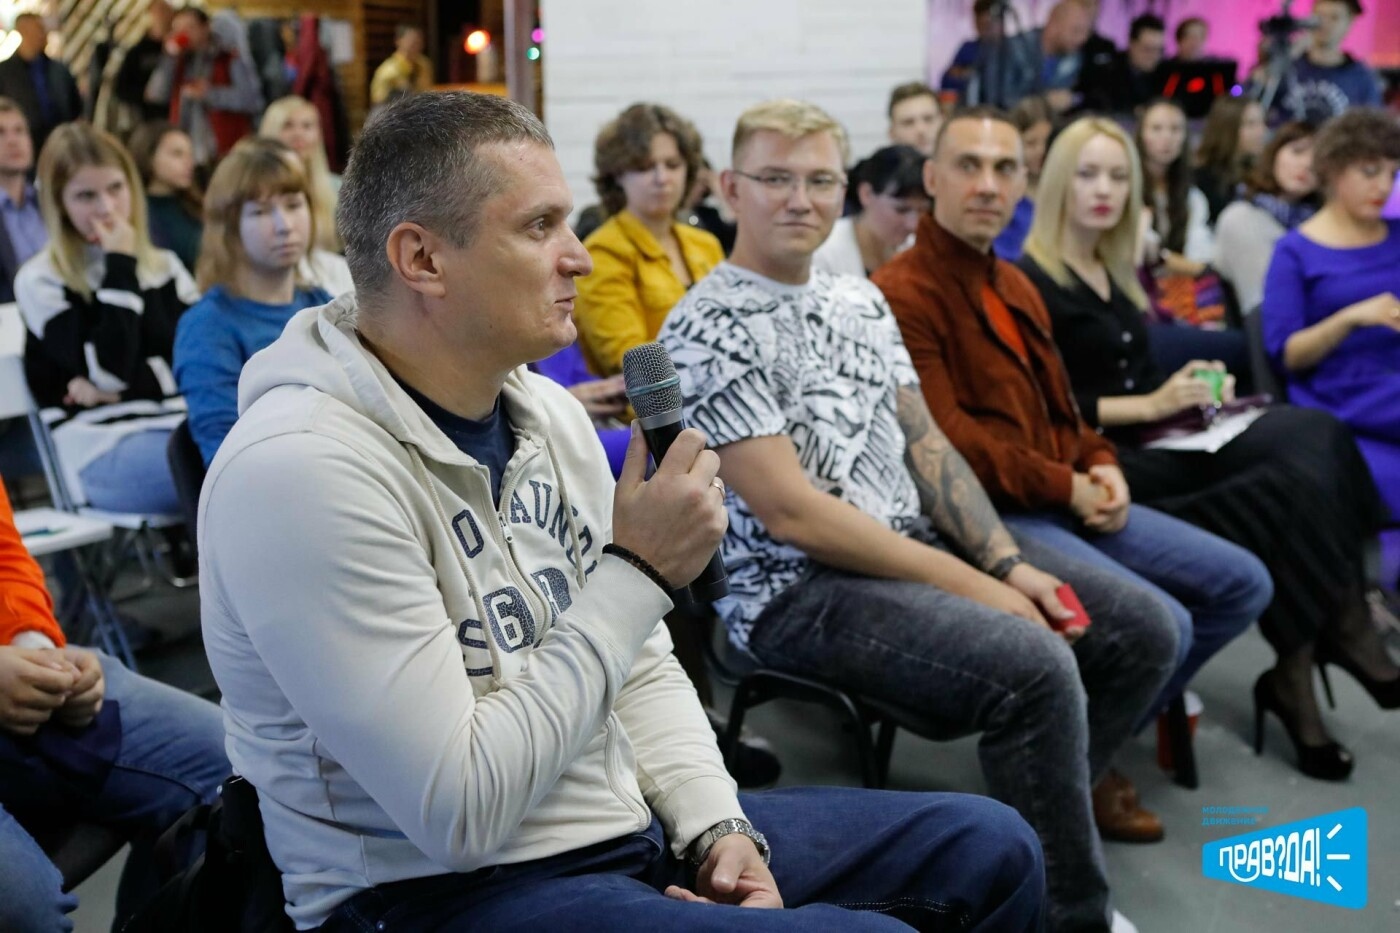 Можно ли вершить свою судьбу. Размышления участников клуба молодёжного движения «Прав?Да!», фото-5